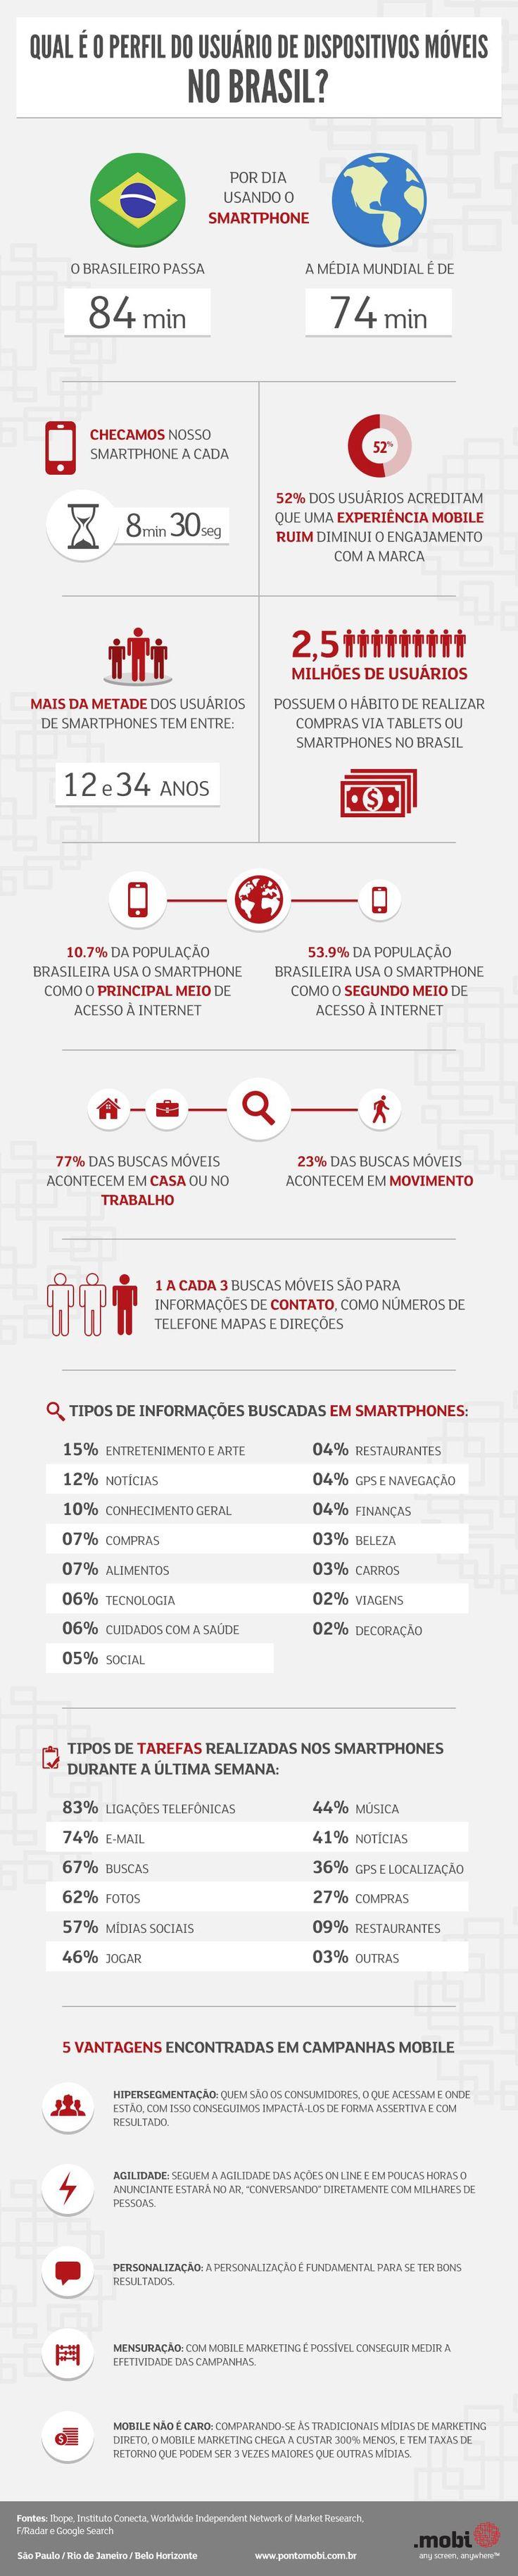 Infográfico: o que os brasileiros consomem através dos dispositivos móveis